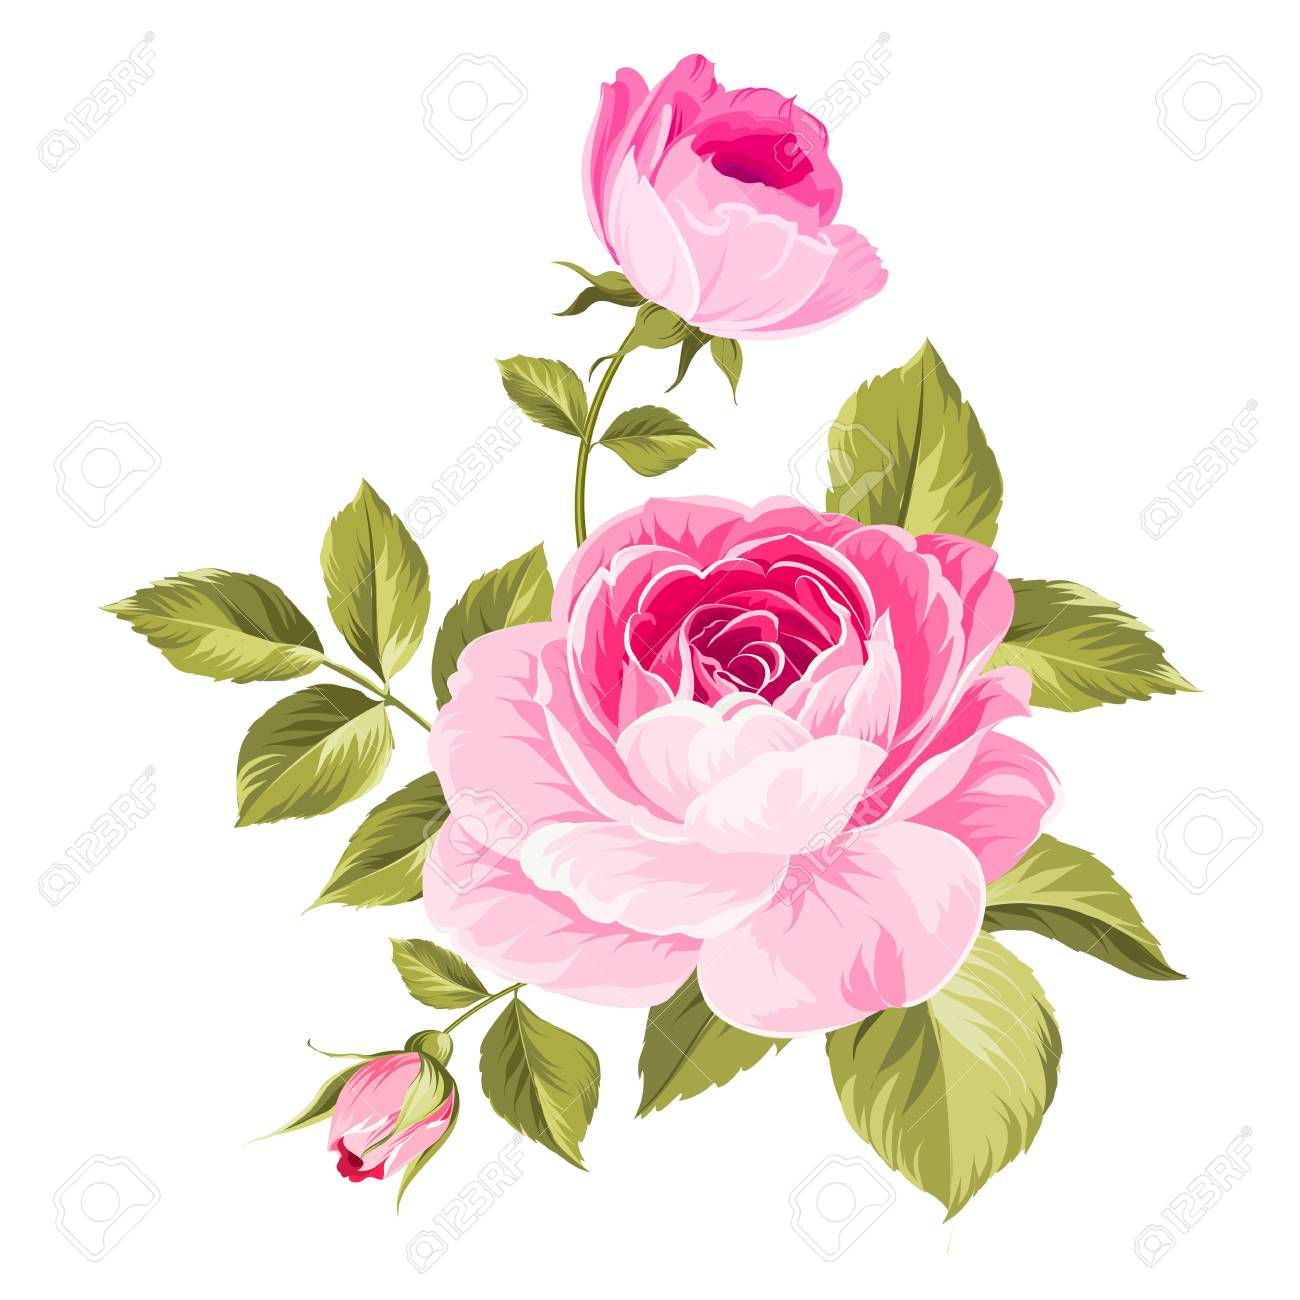 Dessin Fleur Couleur Rose